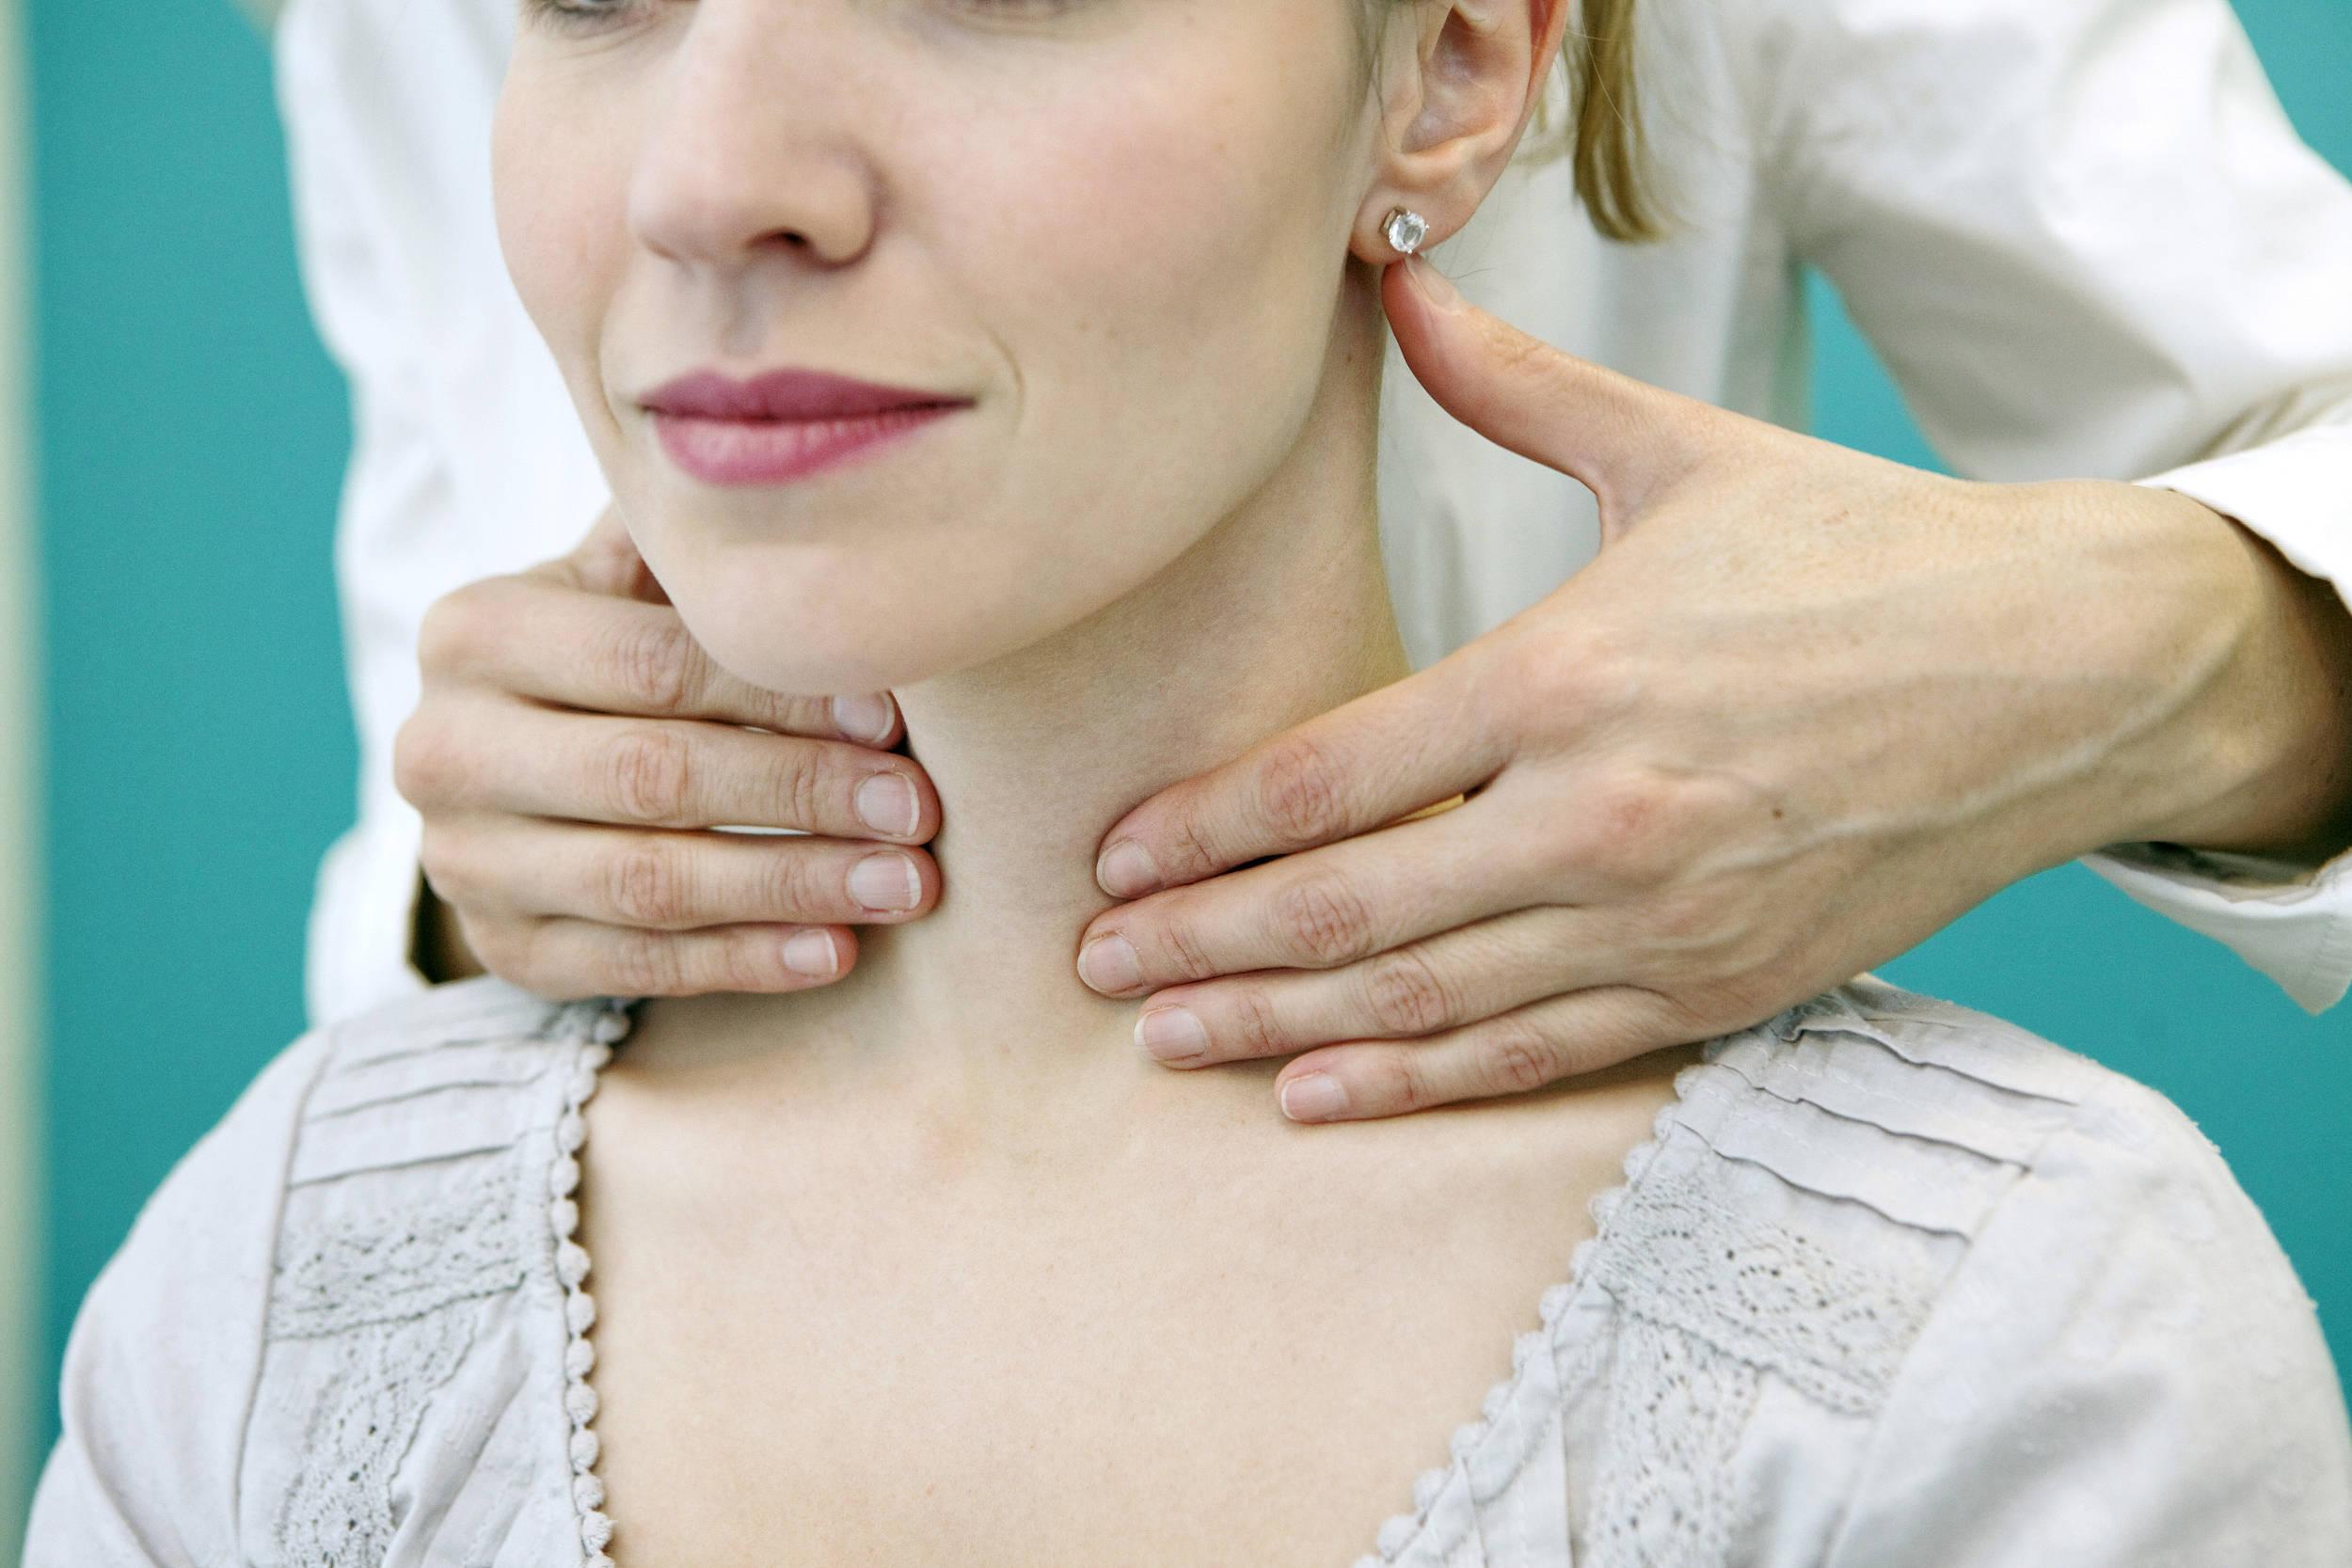 《癌症》杂志:夜间光线强,甲状腺癌风险高,女性尤其要警惕